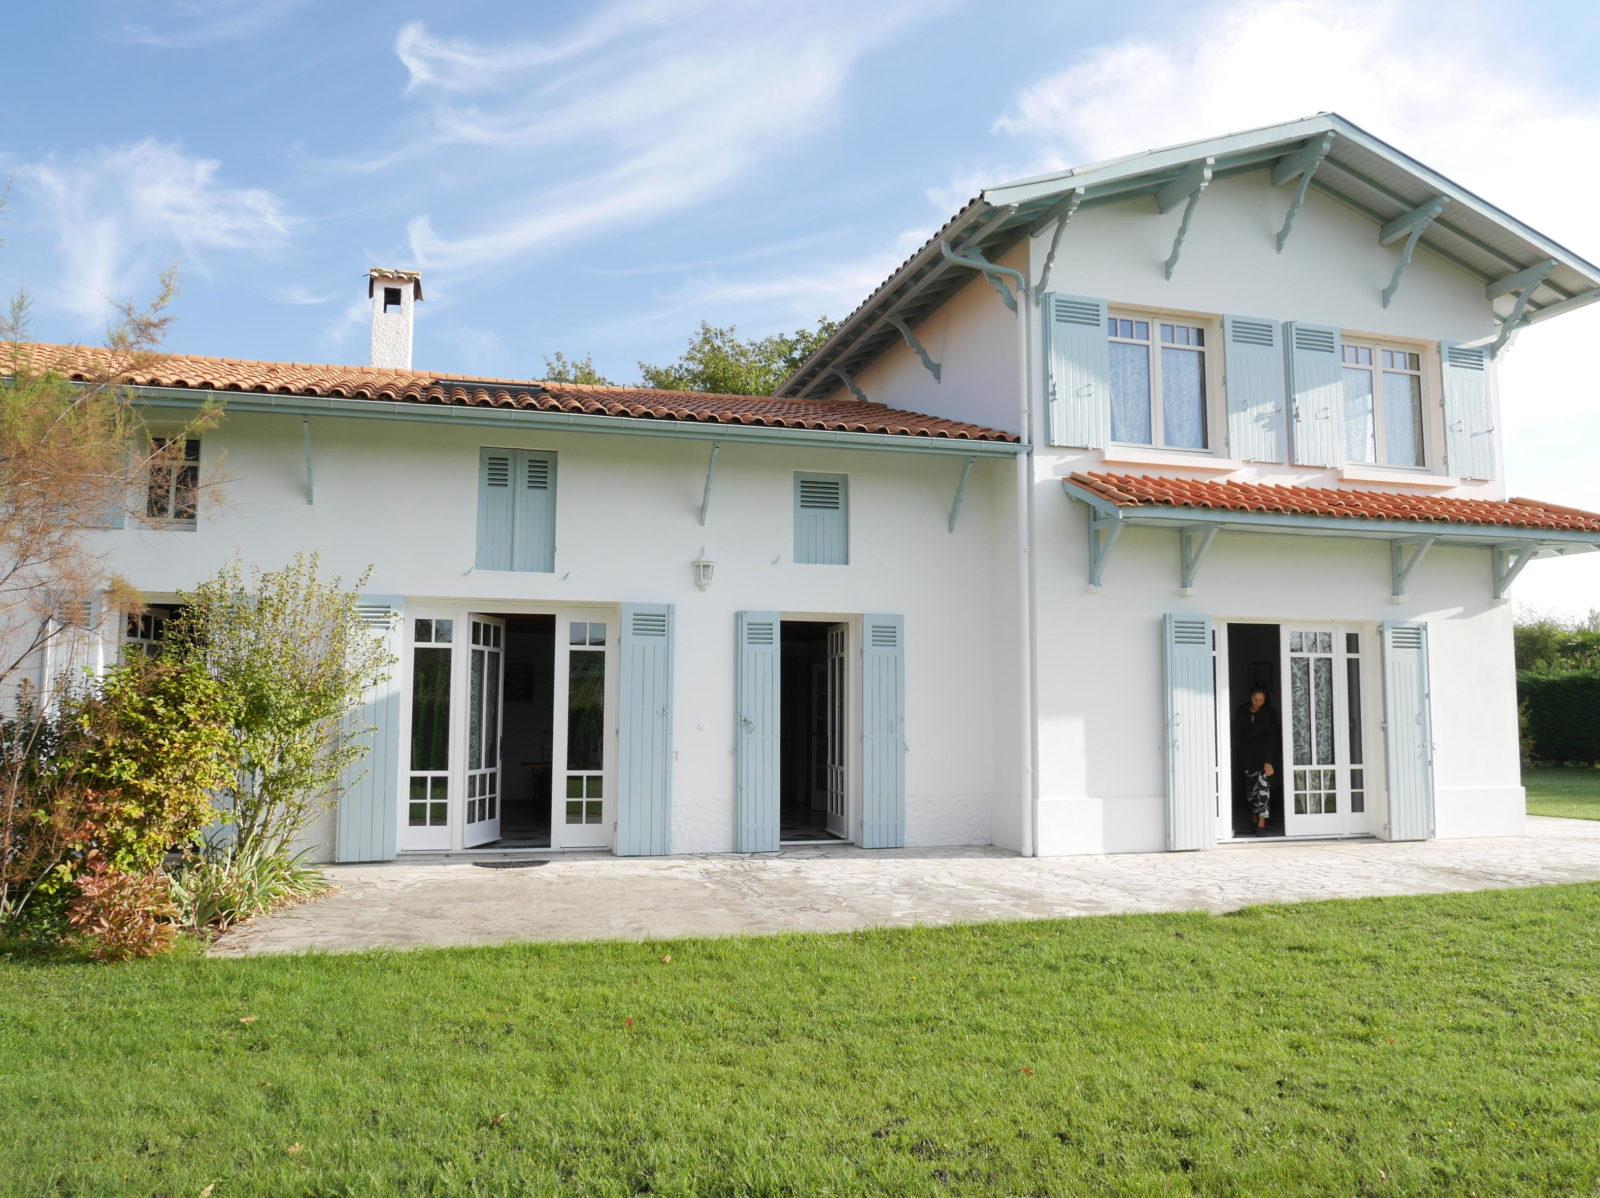 559500€ - Bien Déjà Vendu 3456 - Cestas Immobilier - Agence ... tout Piscine Cestas